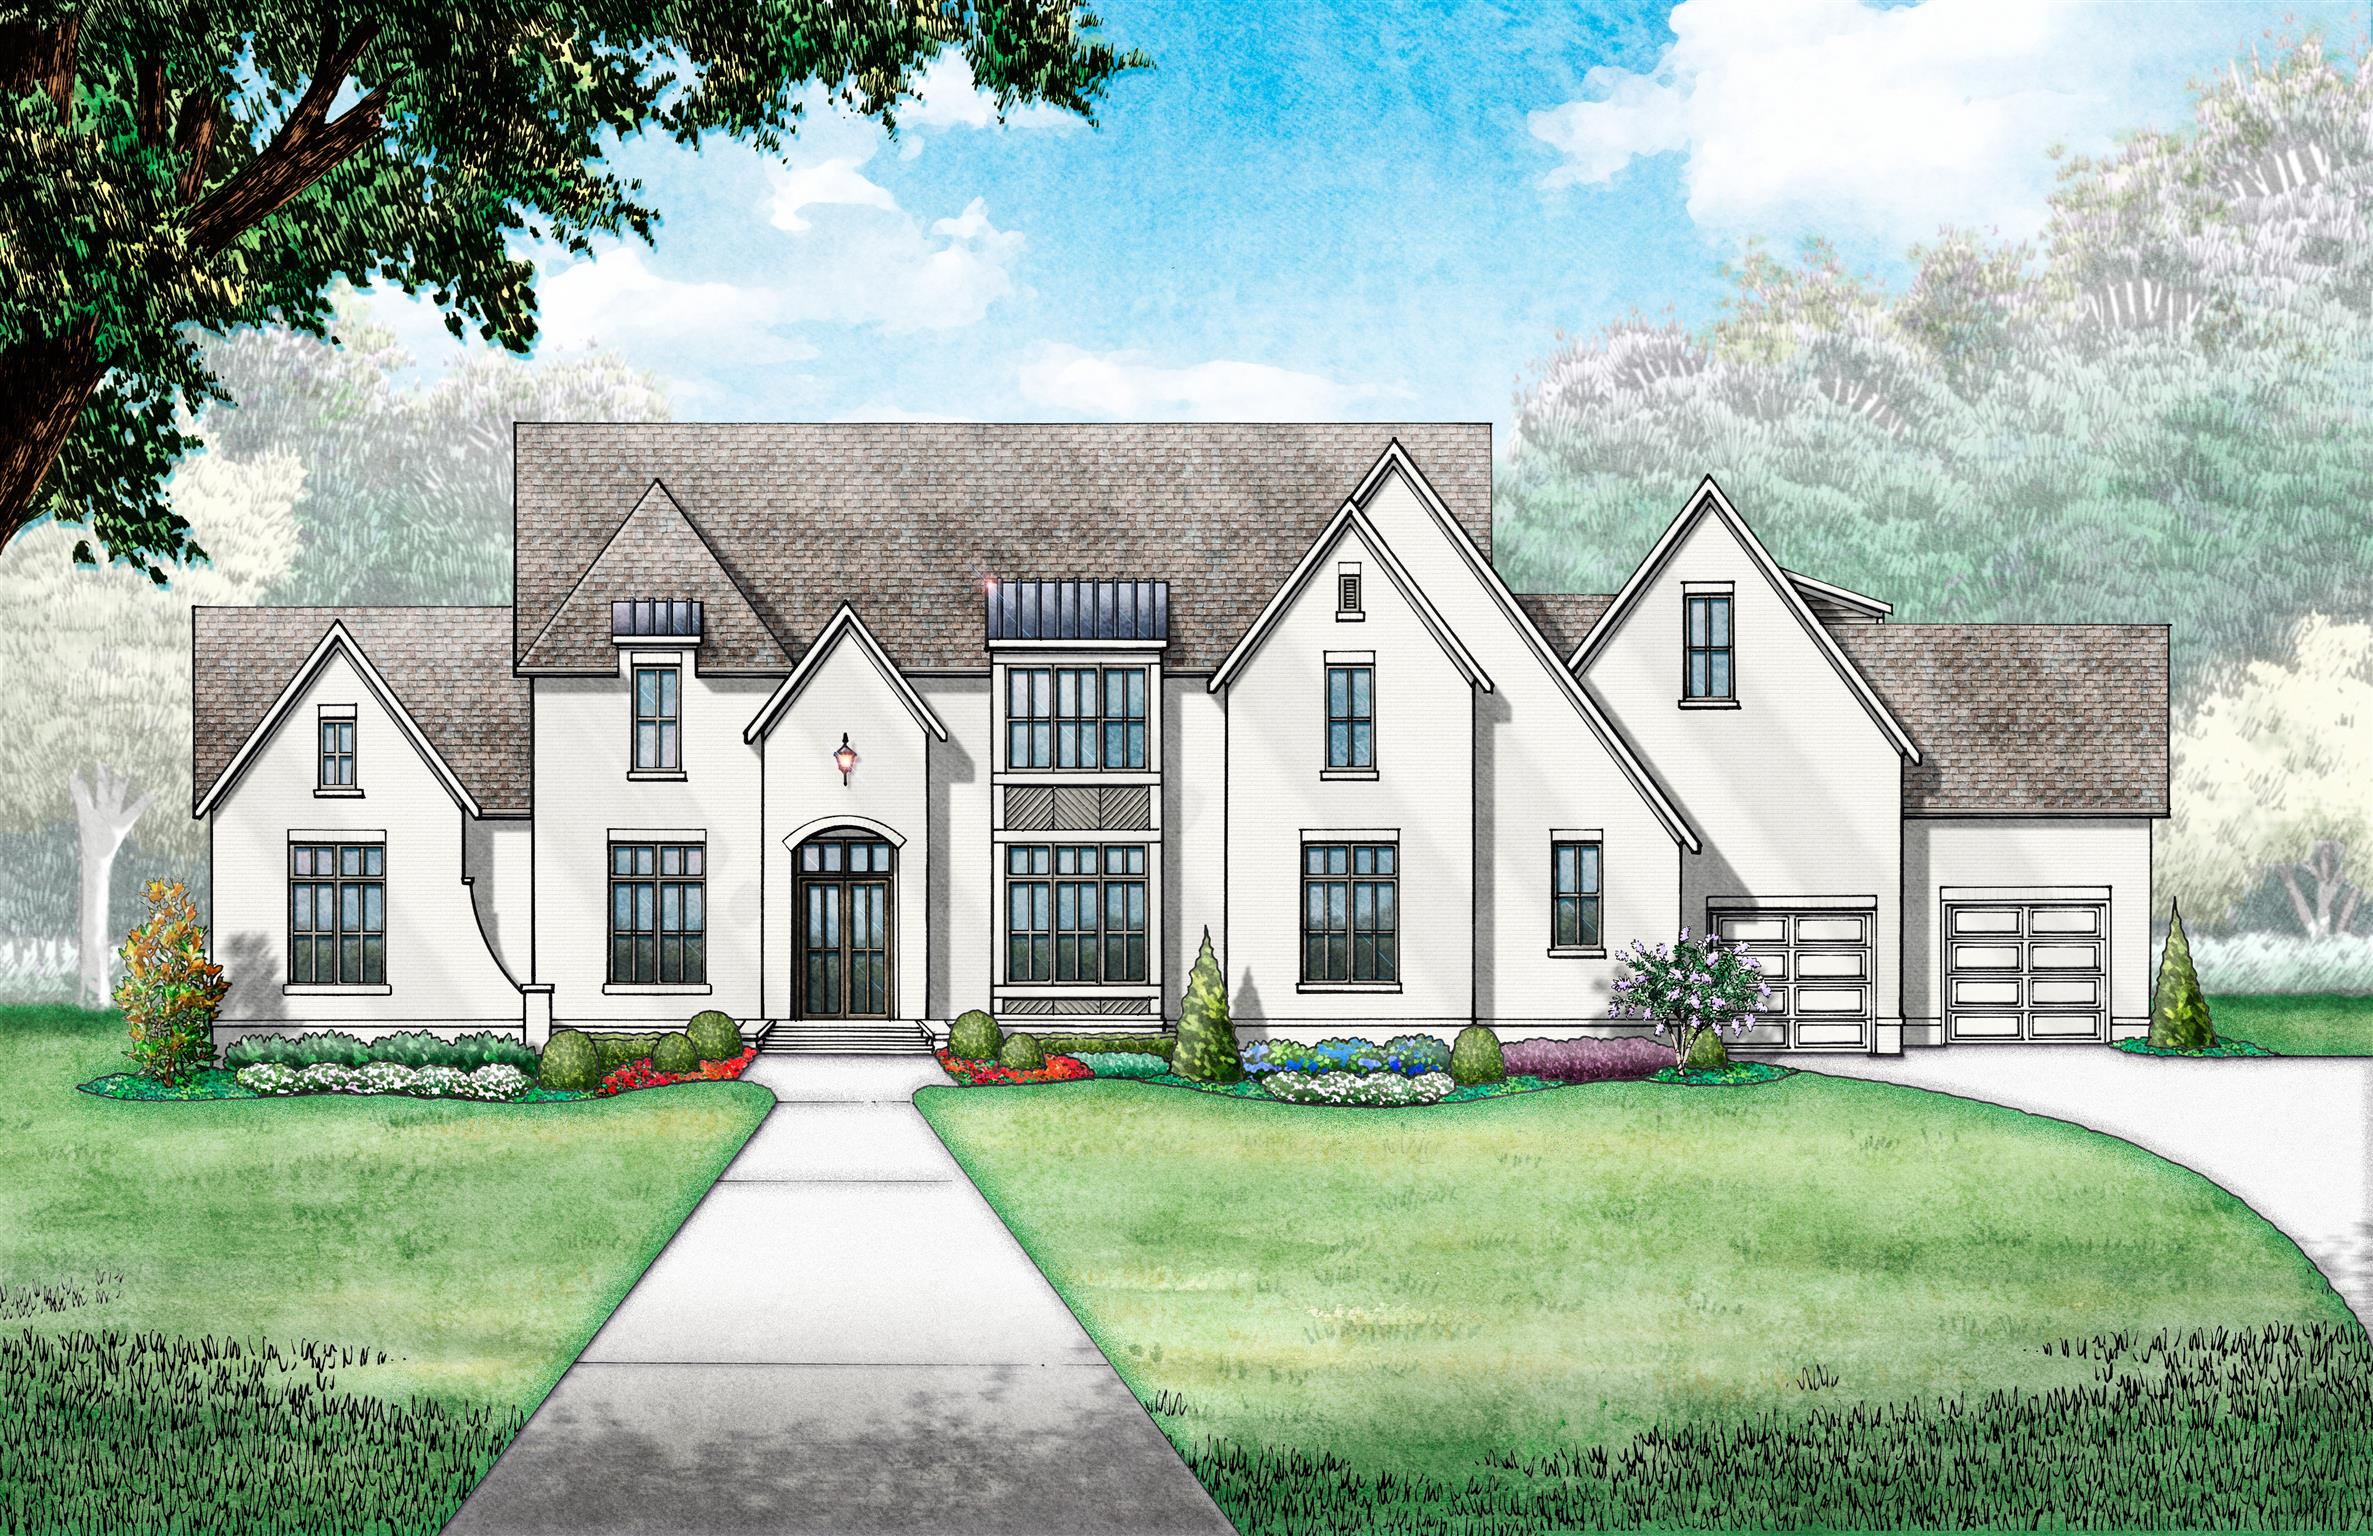 4101 Crestridge Dr, Nashville, TN 37204 - Nashville, TN real estate listing